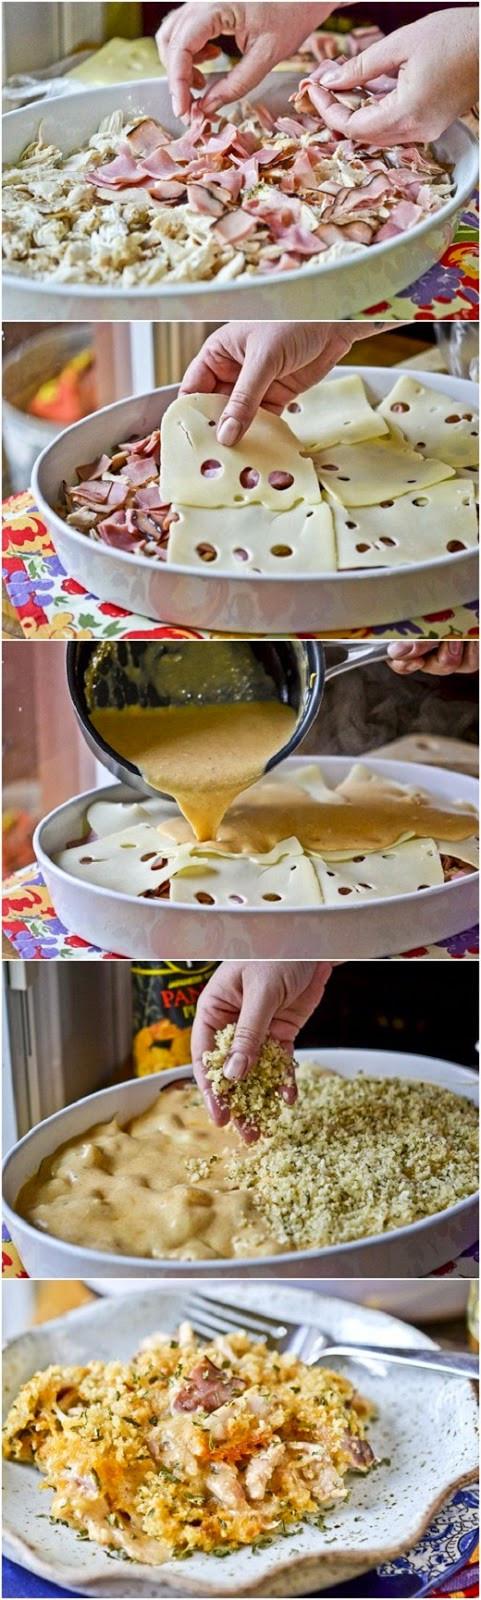 Chicken Cordon Bleu Casserole Recipe  50 Healthy Low Calorie Weight Loss Dinner Recipes